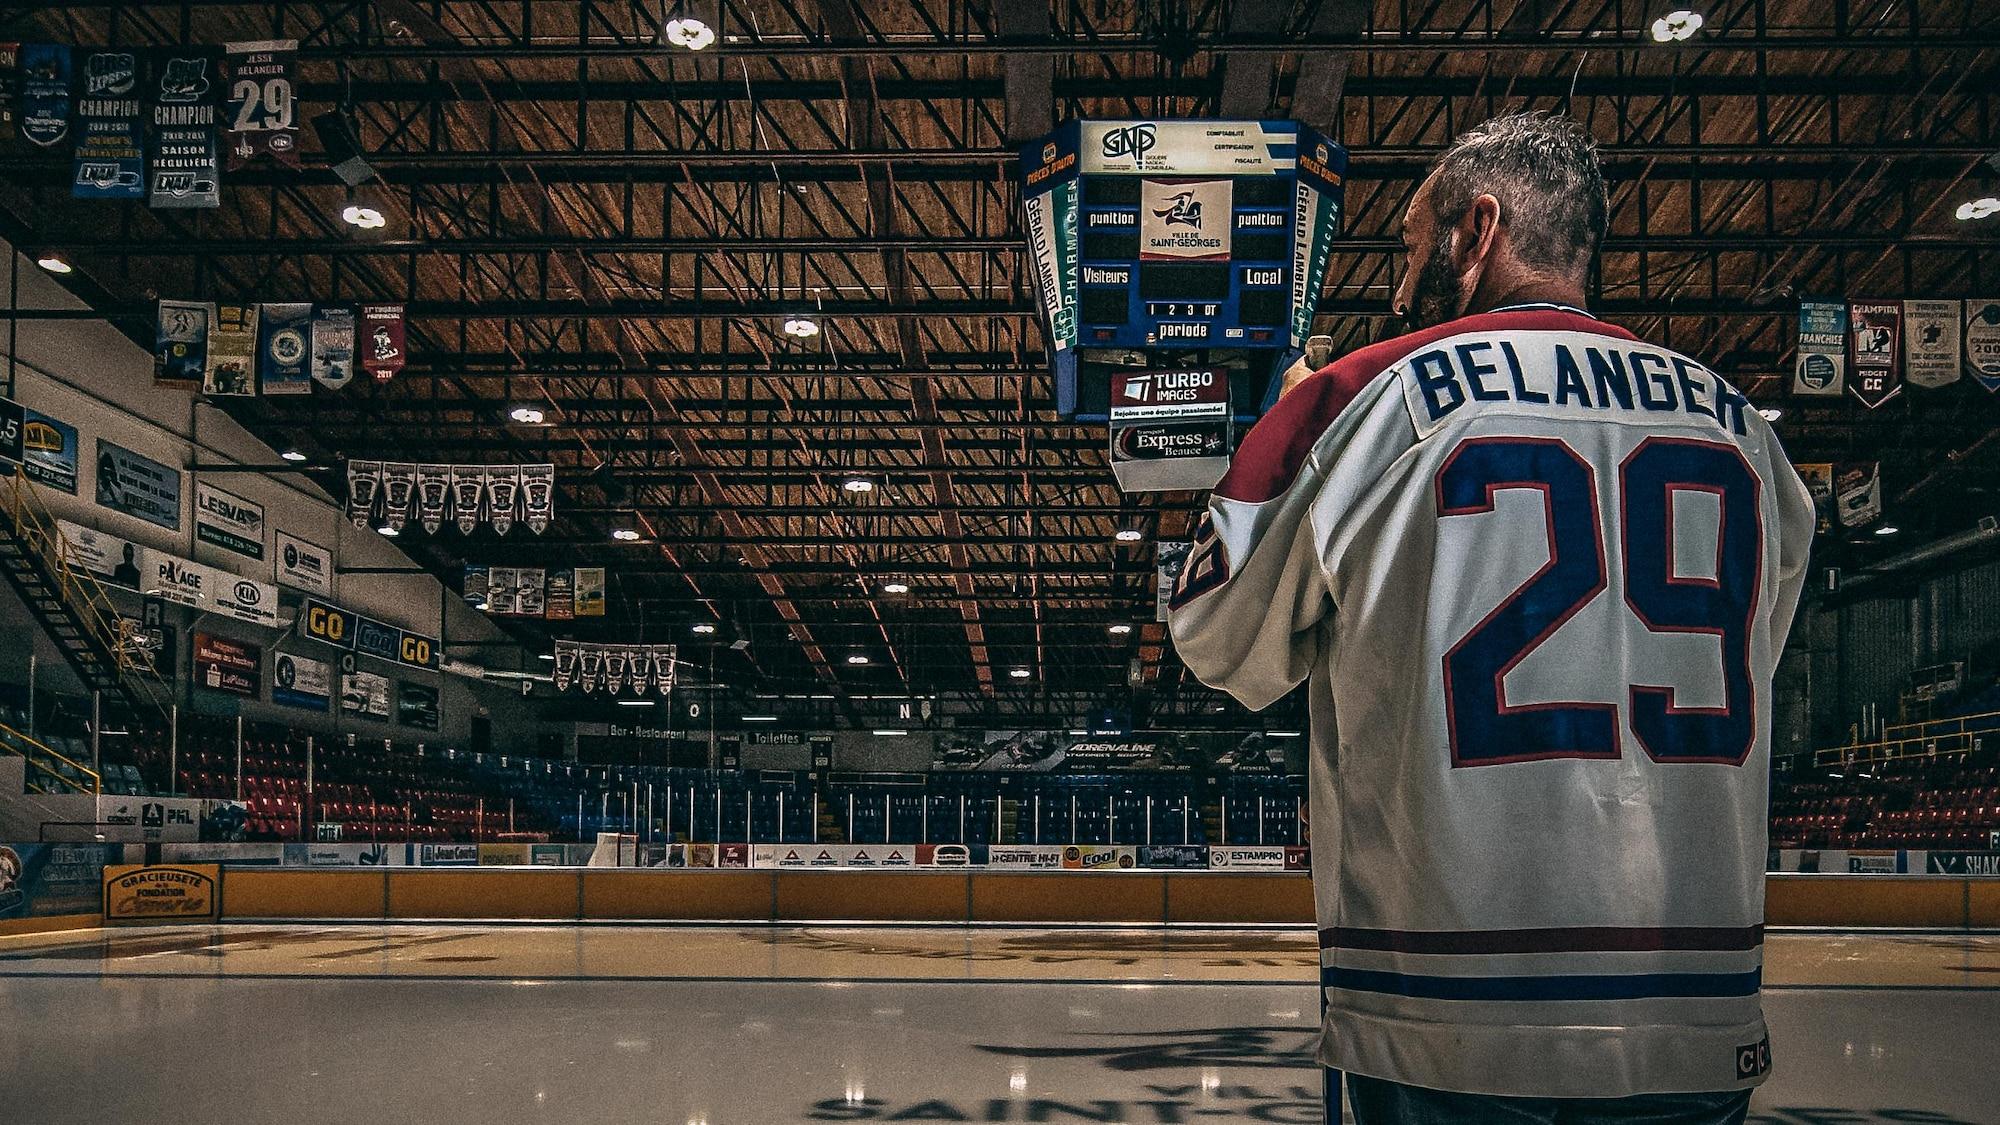 Jesse Bélanger, qui porte le chandail numéro 29 du Canadien de Montréal, regarde la patinoire.